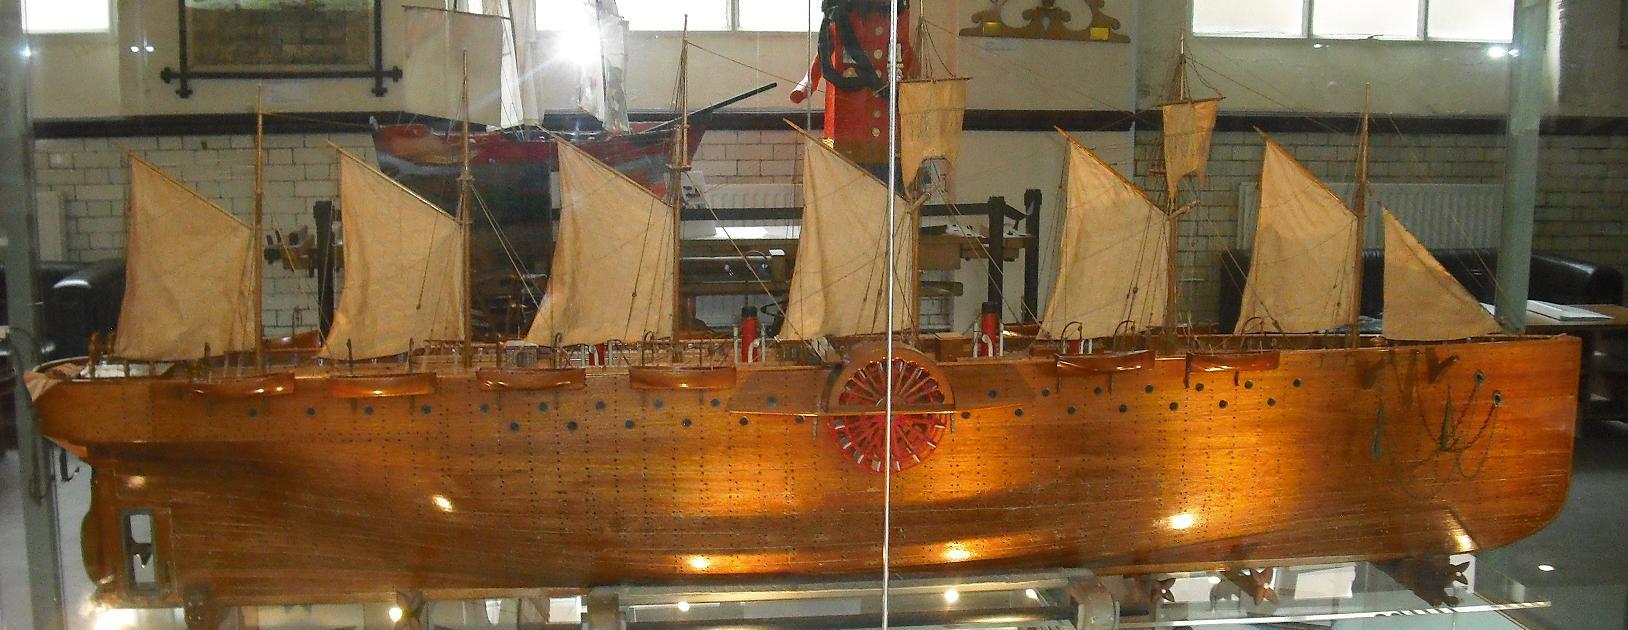 Modelo do SS Great Eastern feito por James Pullen. Atualmente em exposição no museu dedicado a Langdon Down.